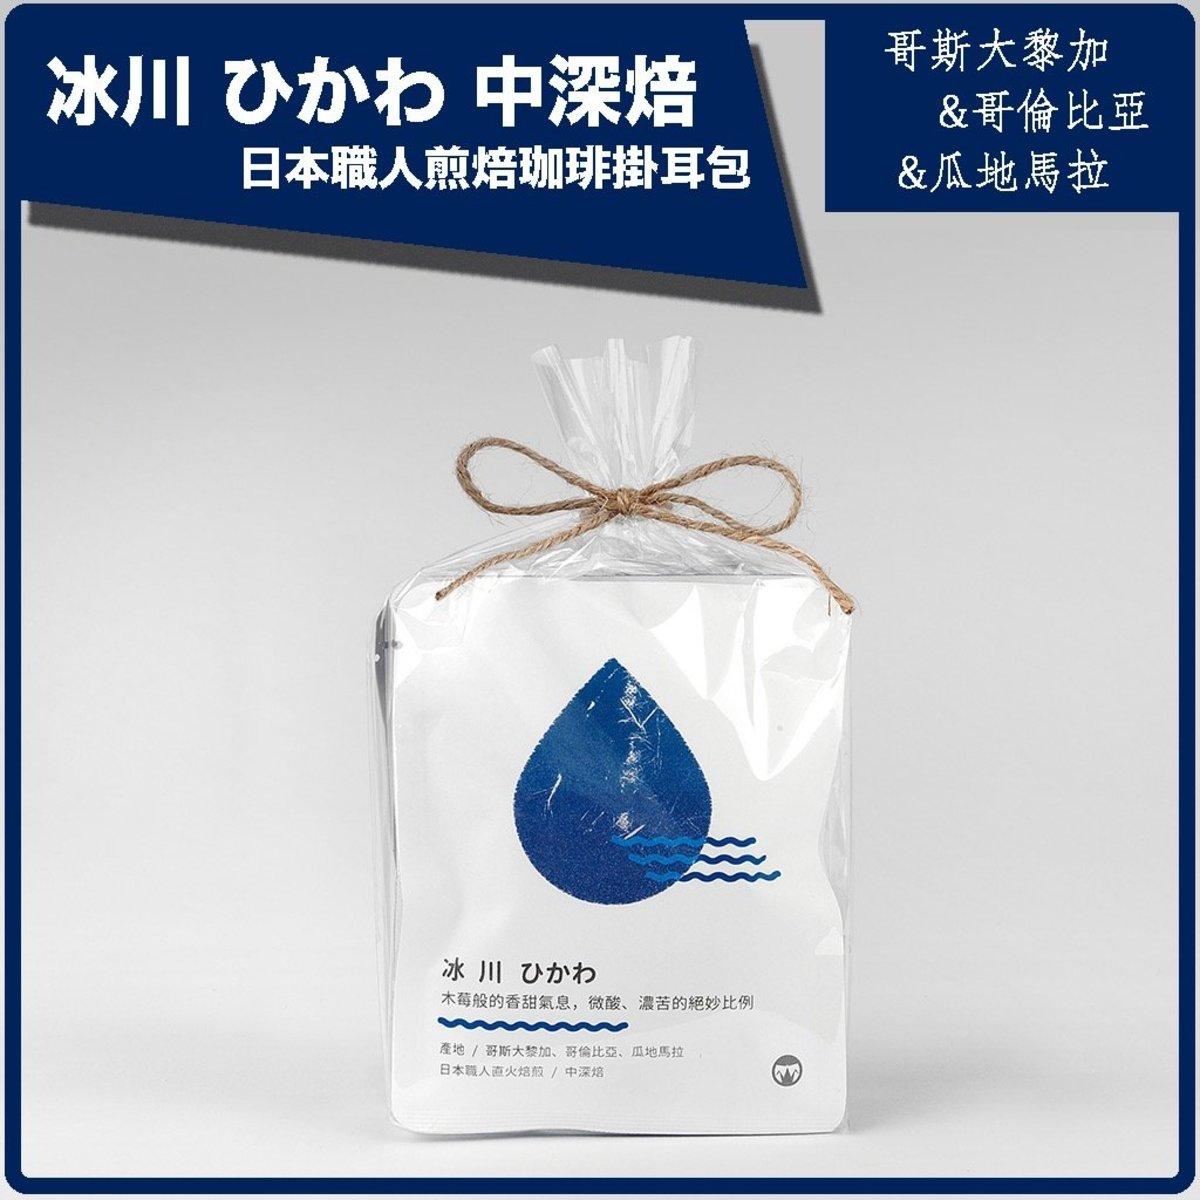 【日式混豆-冰川】日本職人直火焙煎 -中深焙(5包)